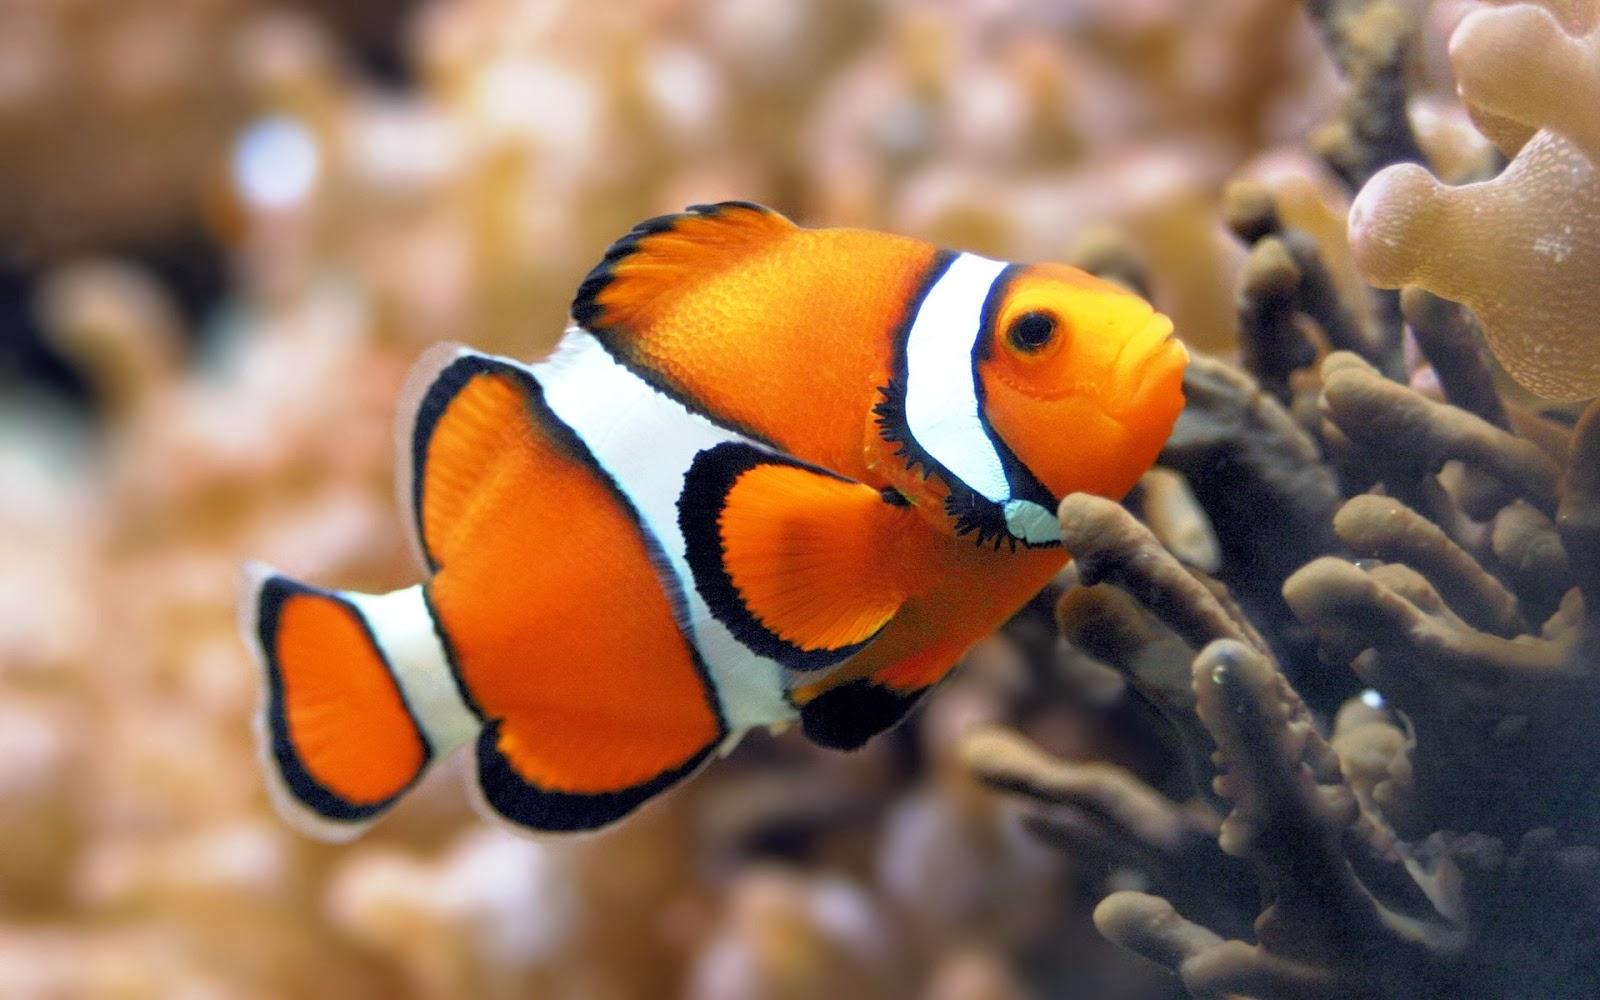 Graafix Colourful Fish Hd Wallpaper 2014